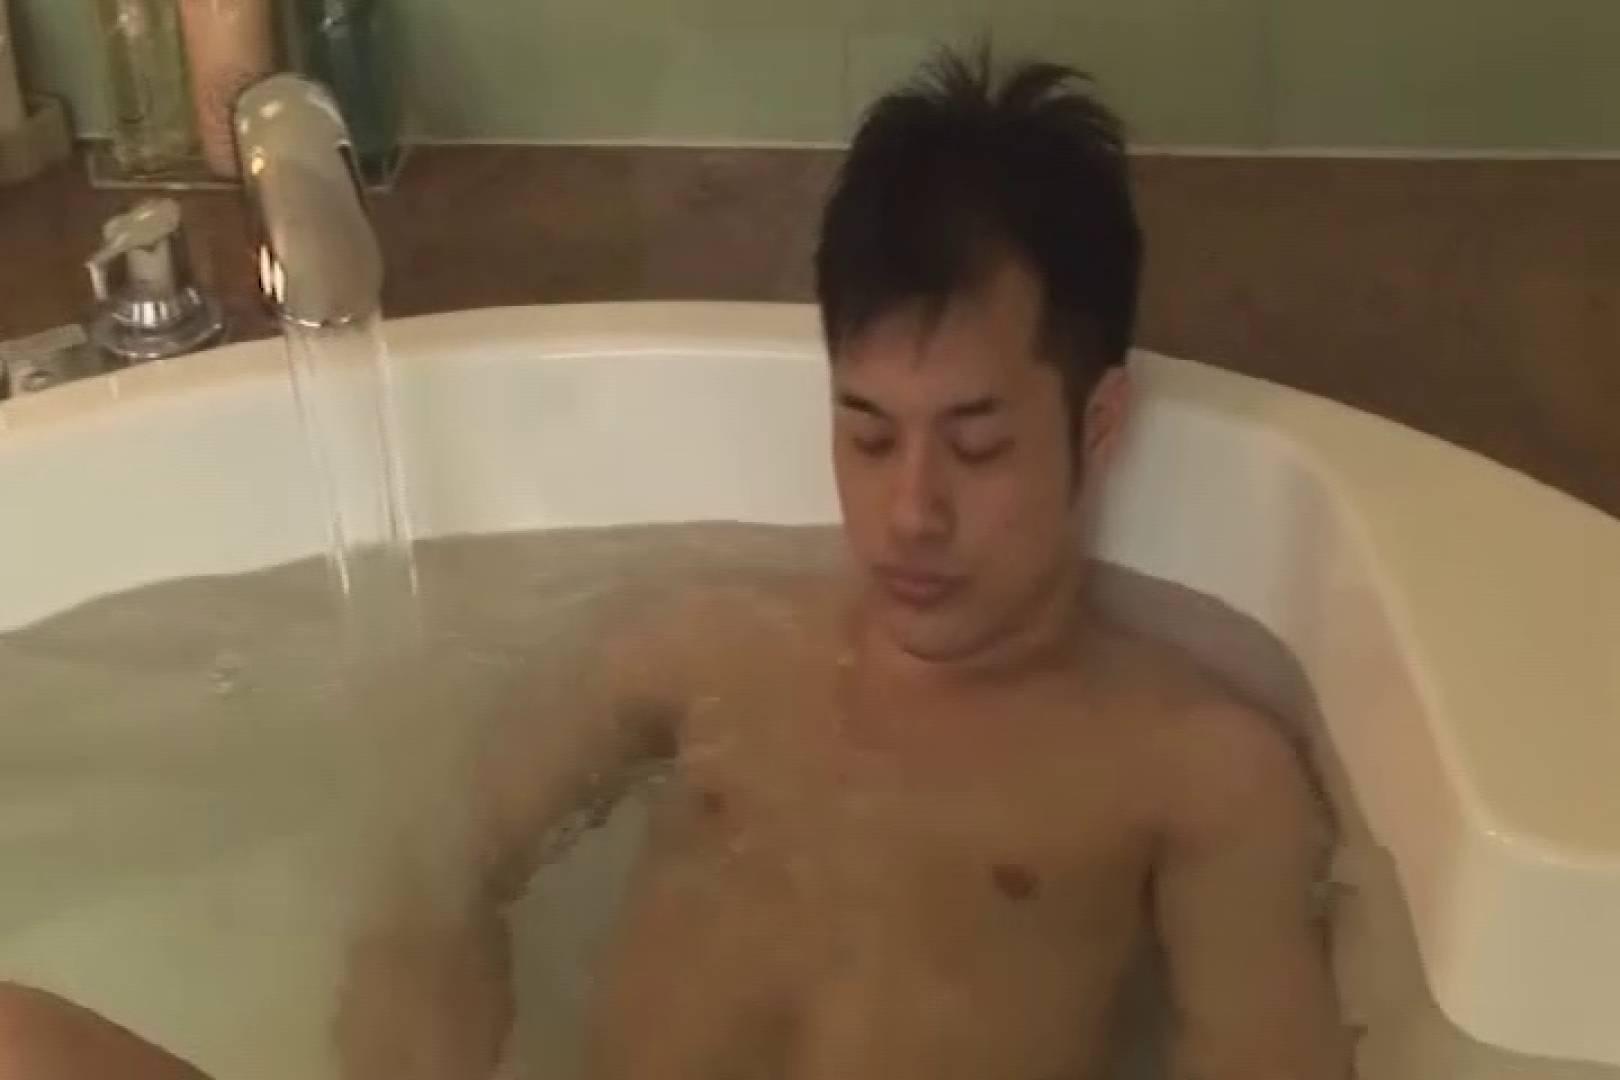 暴れん棒!!雄穴を狙え!! vol.02 お掃除フェラ ゲイエロビデオ画像 71pic 26